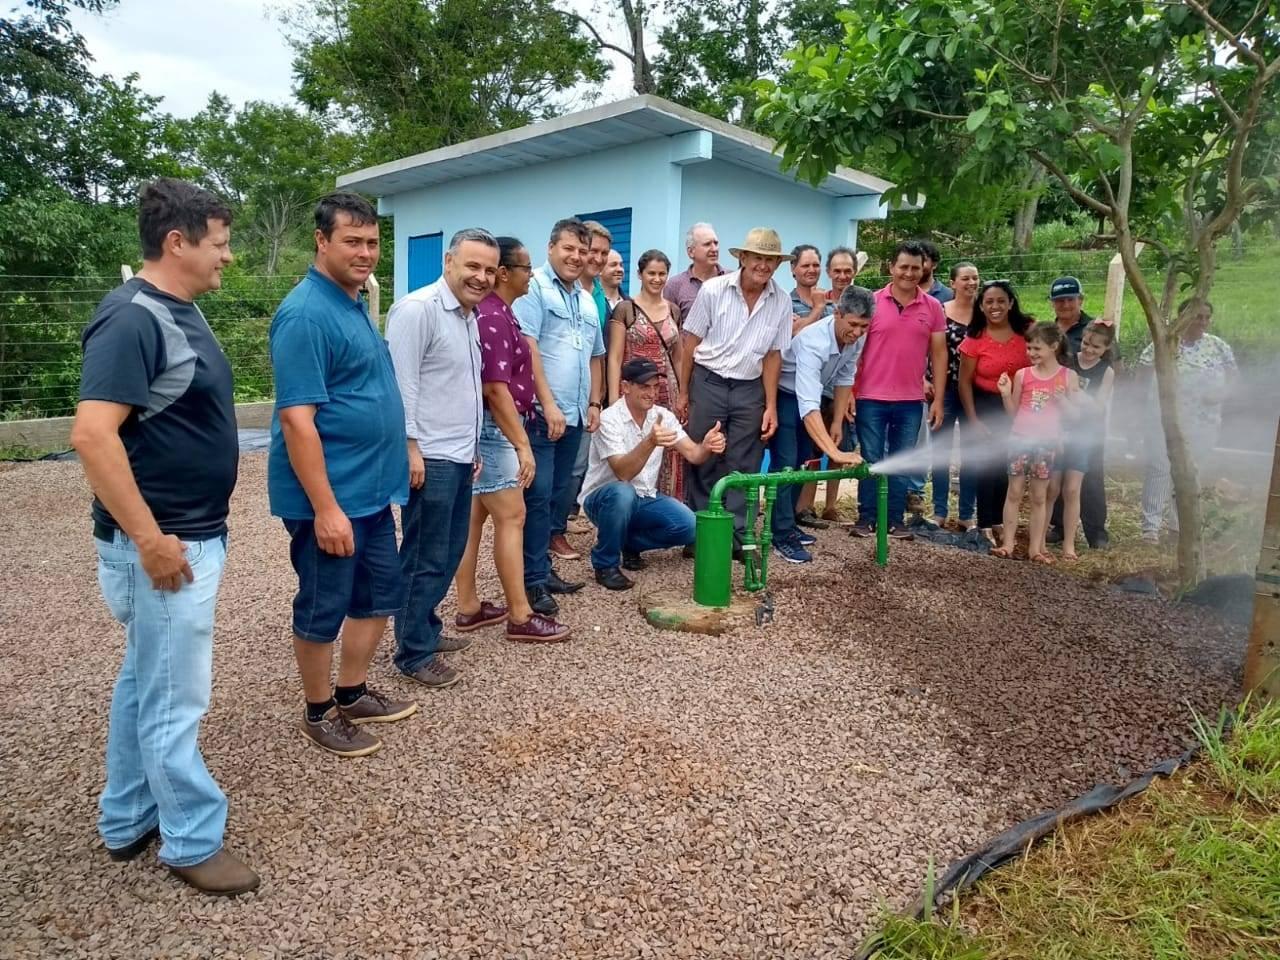 Sistema faz parte do Programa de Saneamento Rural do Governo do Estado, e envolve Sanepar, Emater e Instituto das Águas.